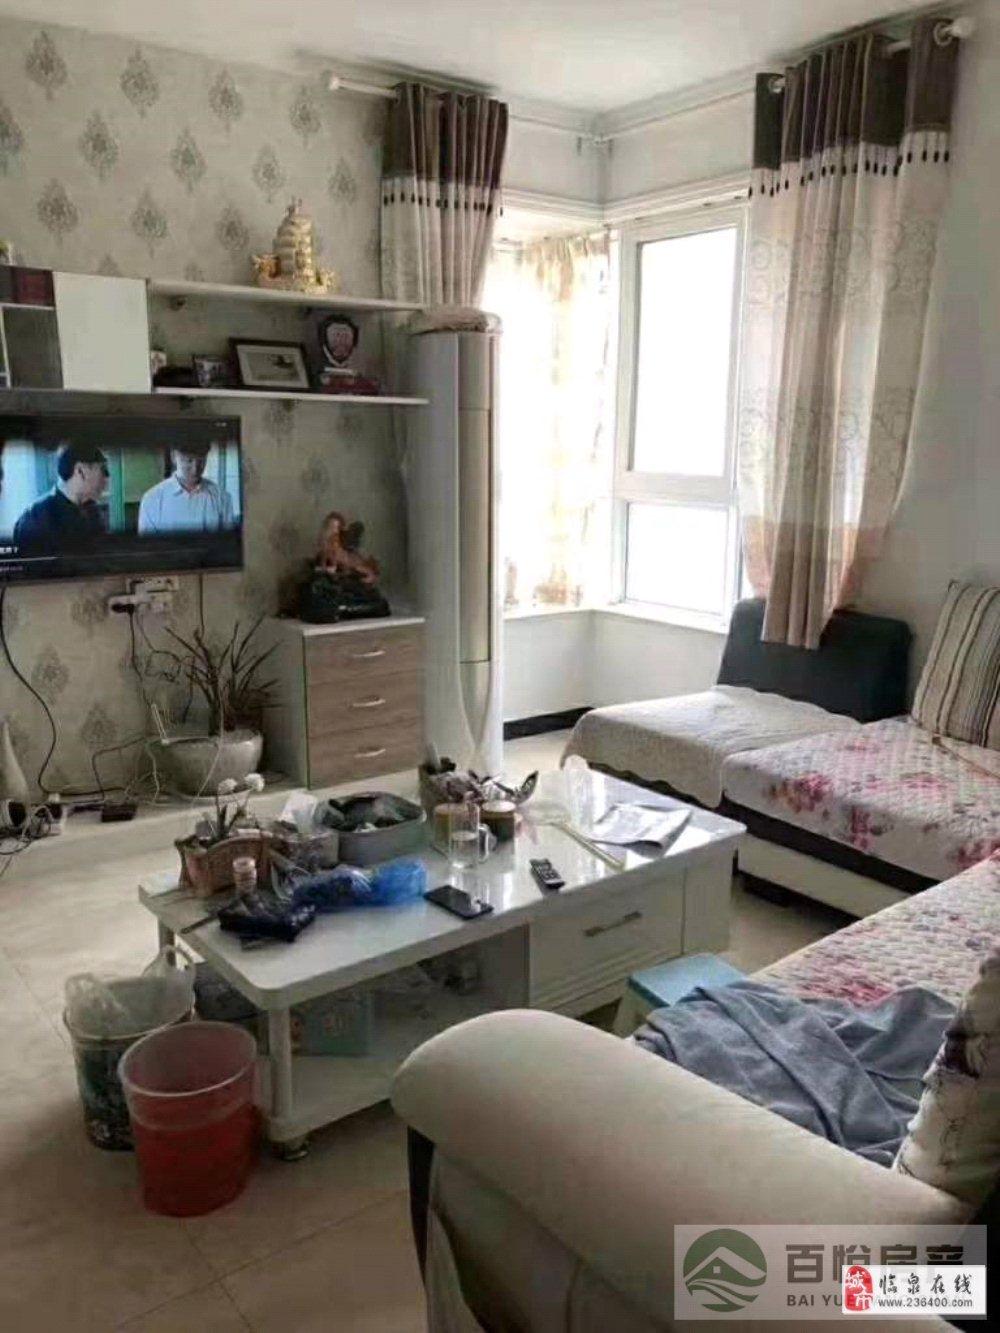 急售:中泰錦城+學區房+證滿兩年+精裝全送